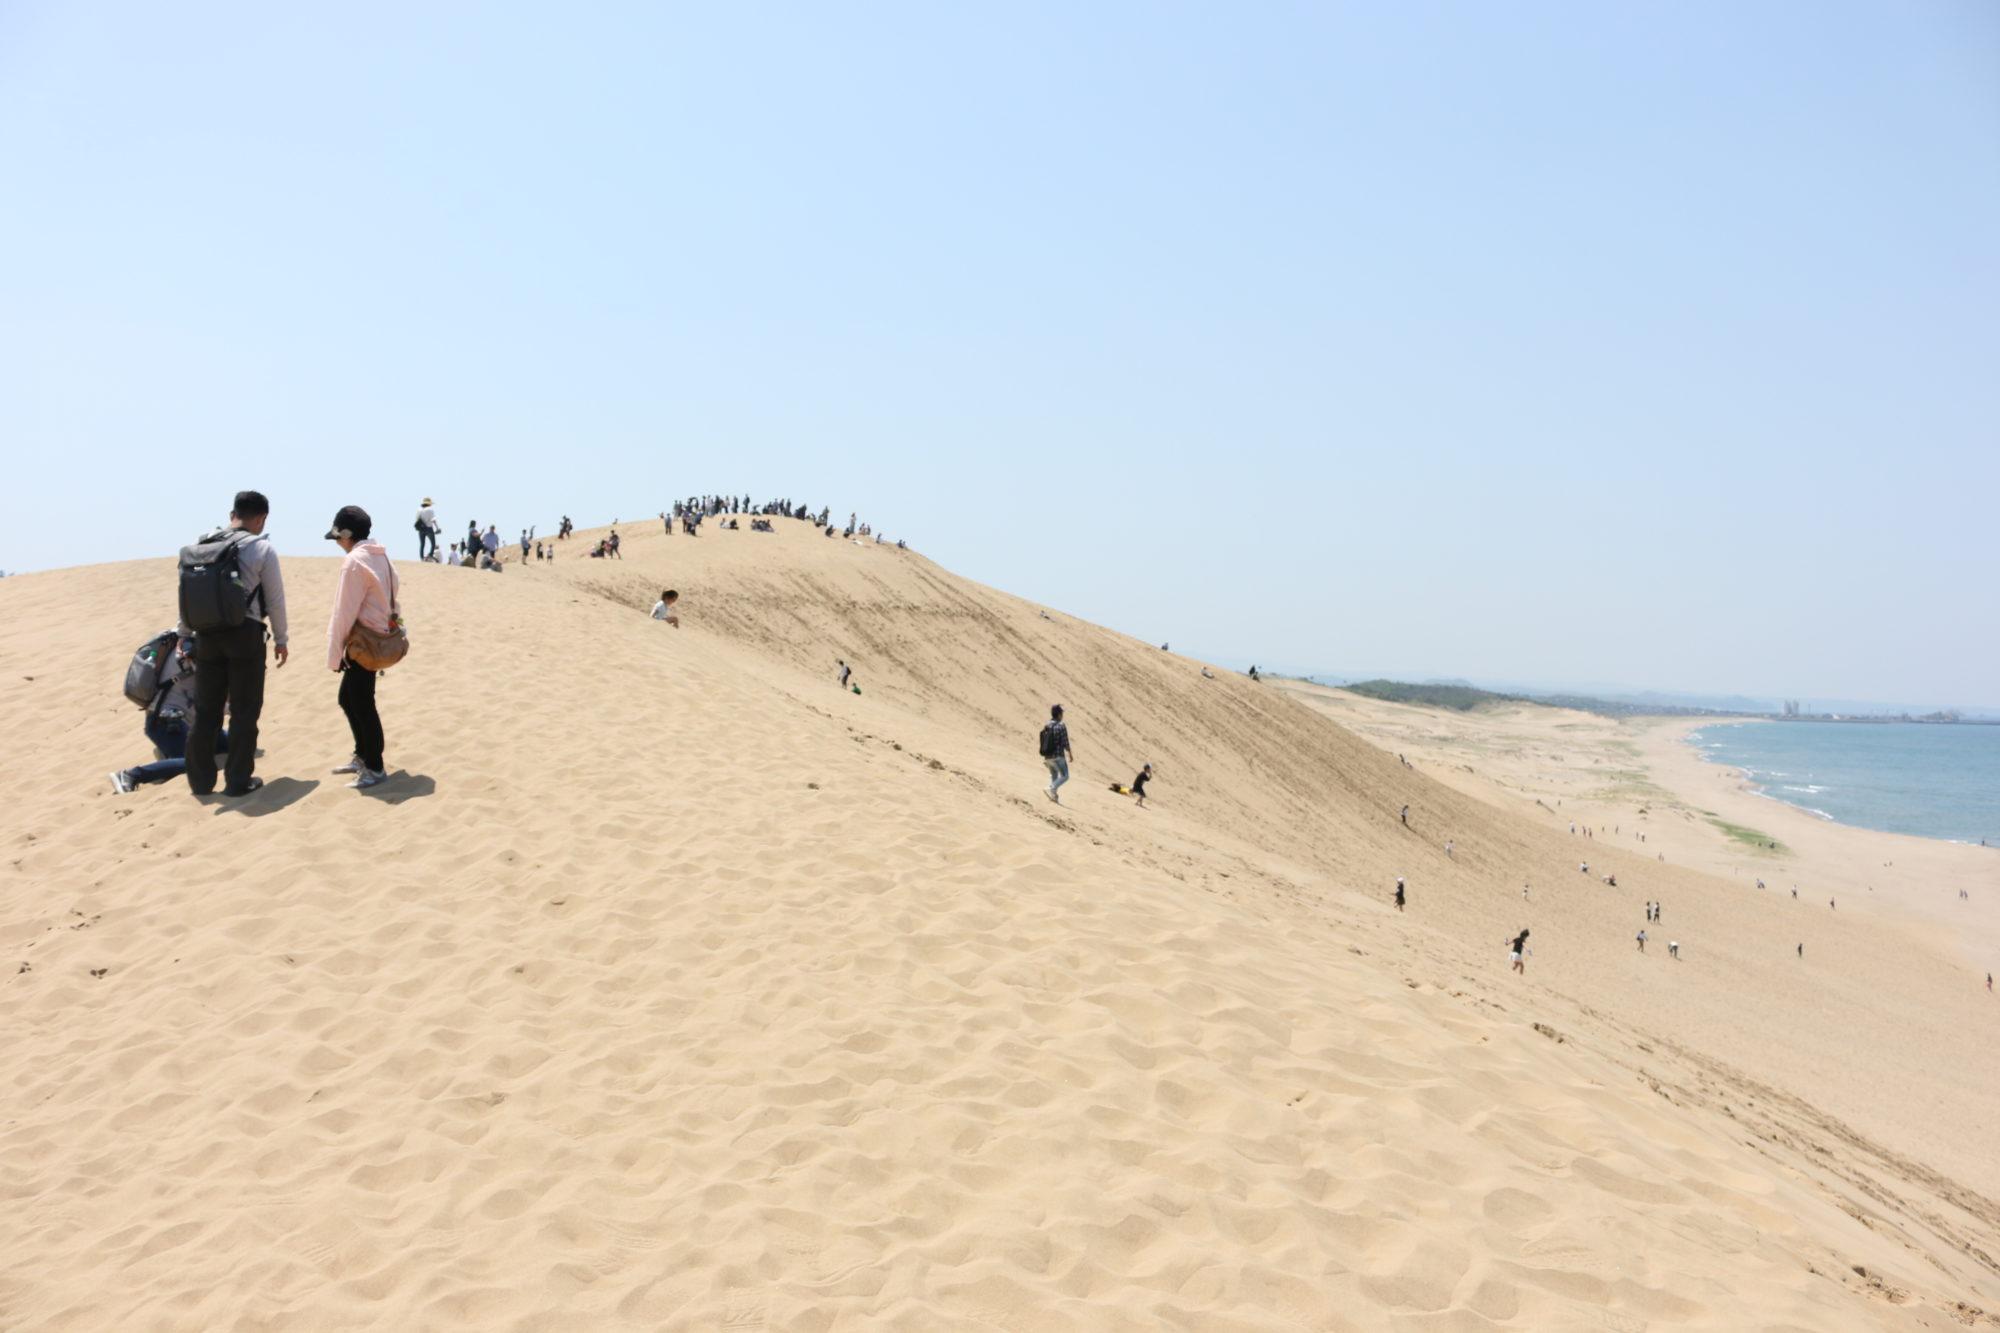 鳥取砂丘を楽しむ〜ゴールデンウィークに1泊2日の大阪からの弾丸ツアー〜